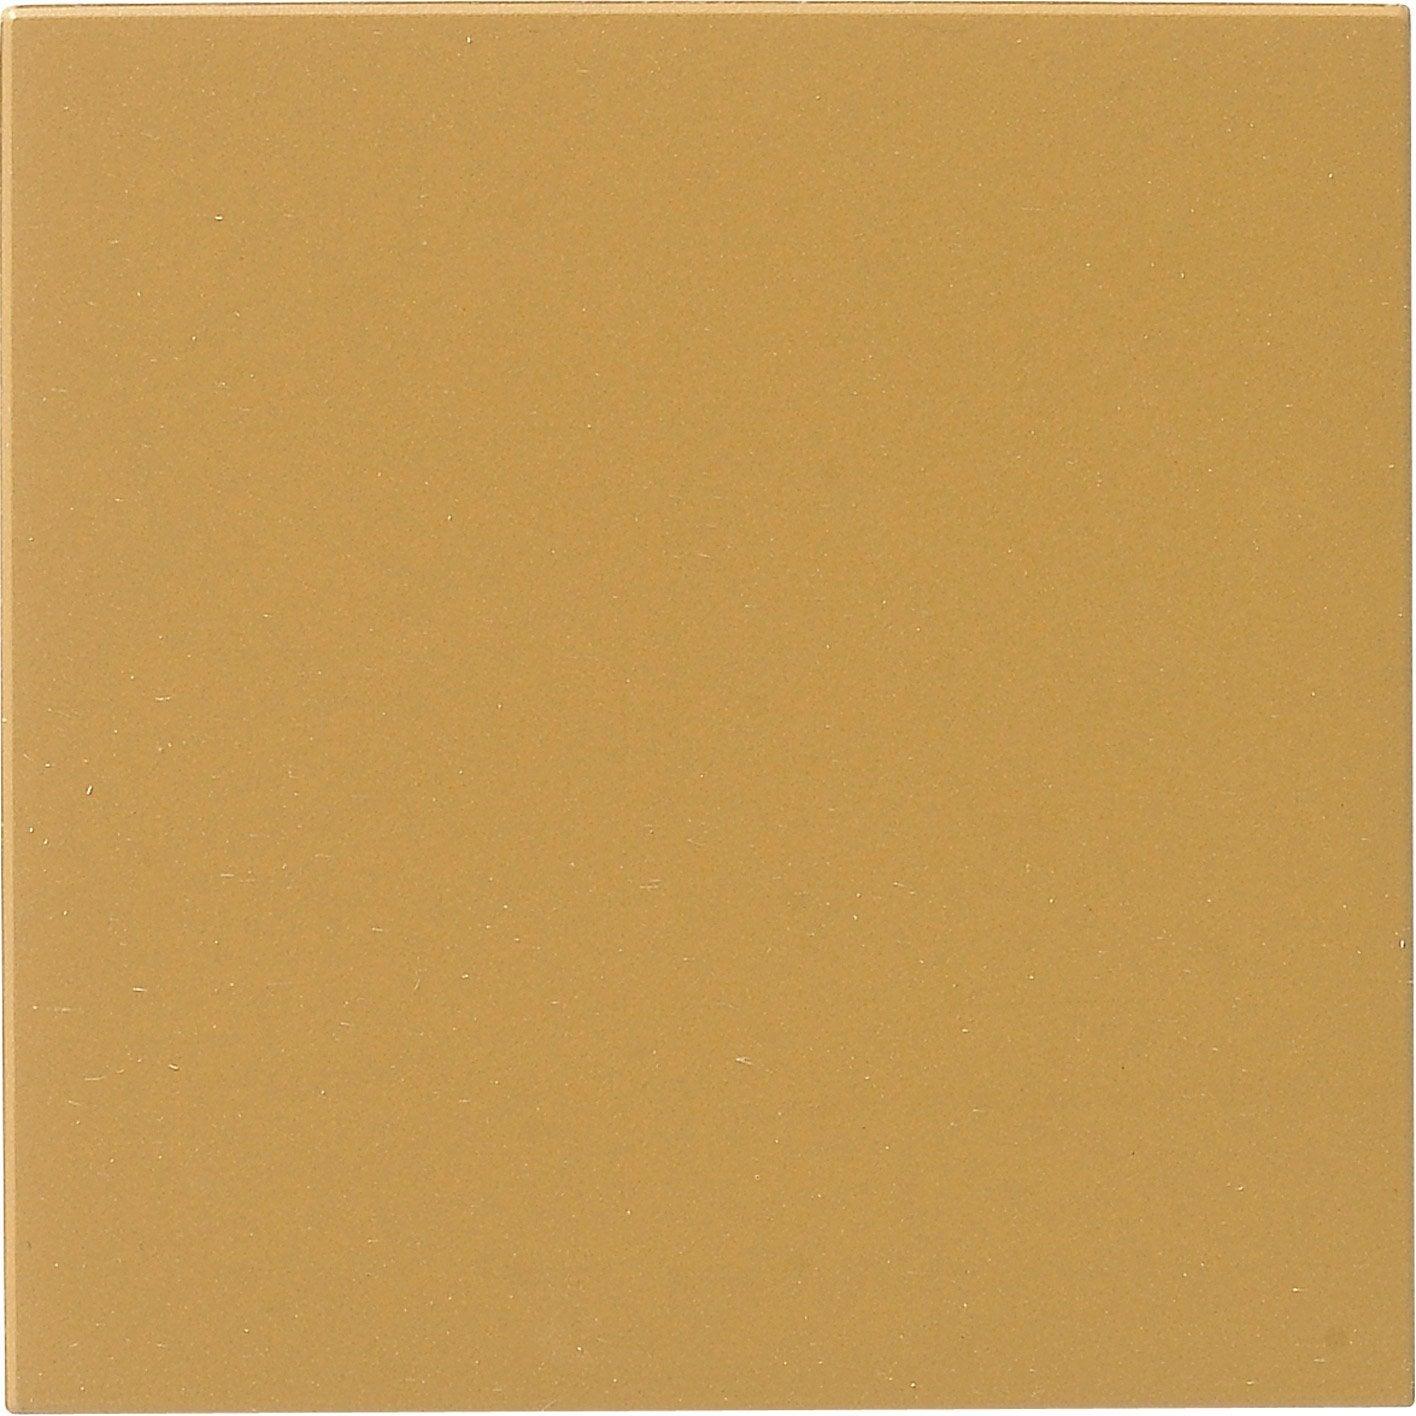 Carrelage sol et mur jaune effet uni archi x cm for Carrelage jaune